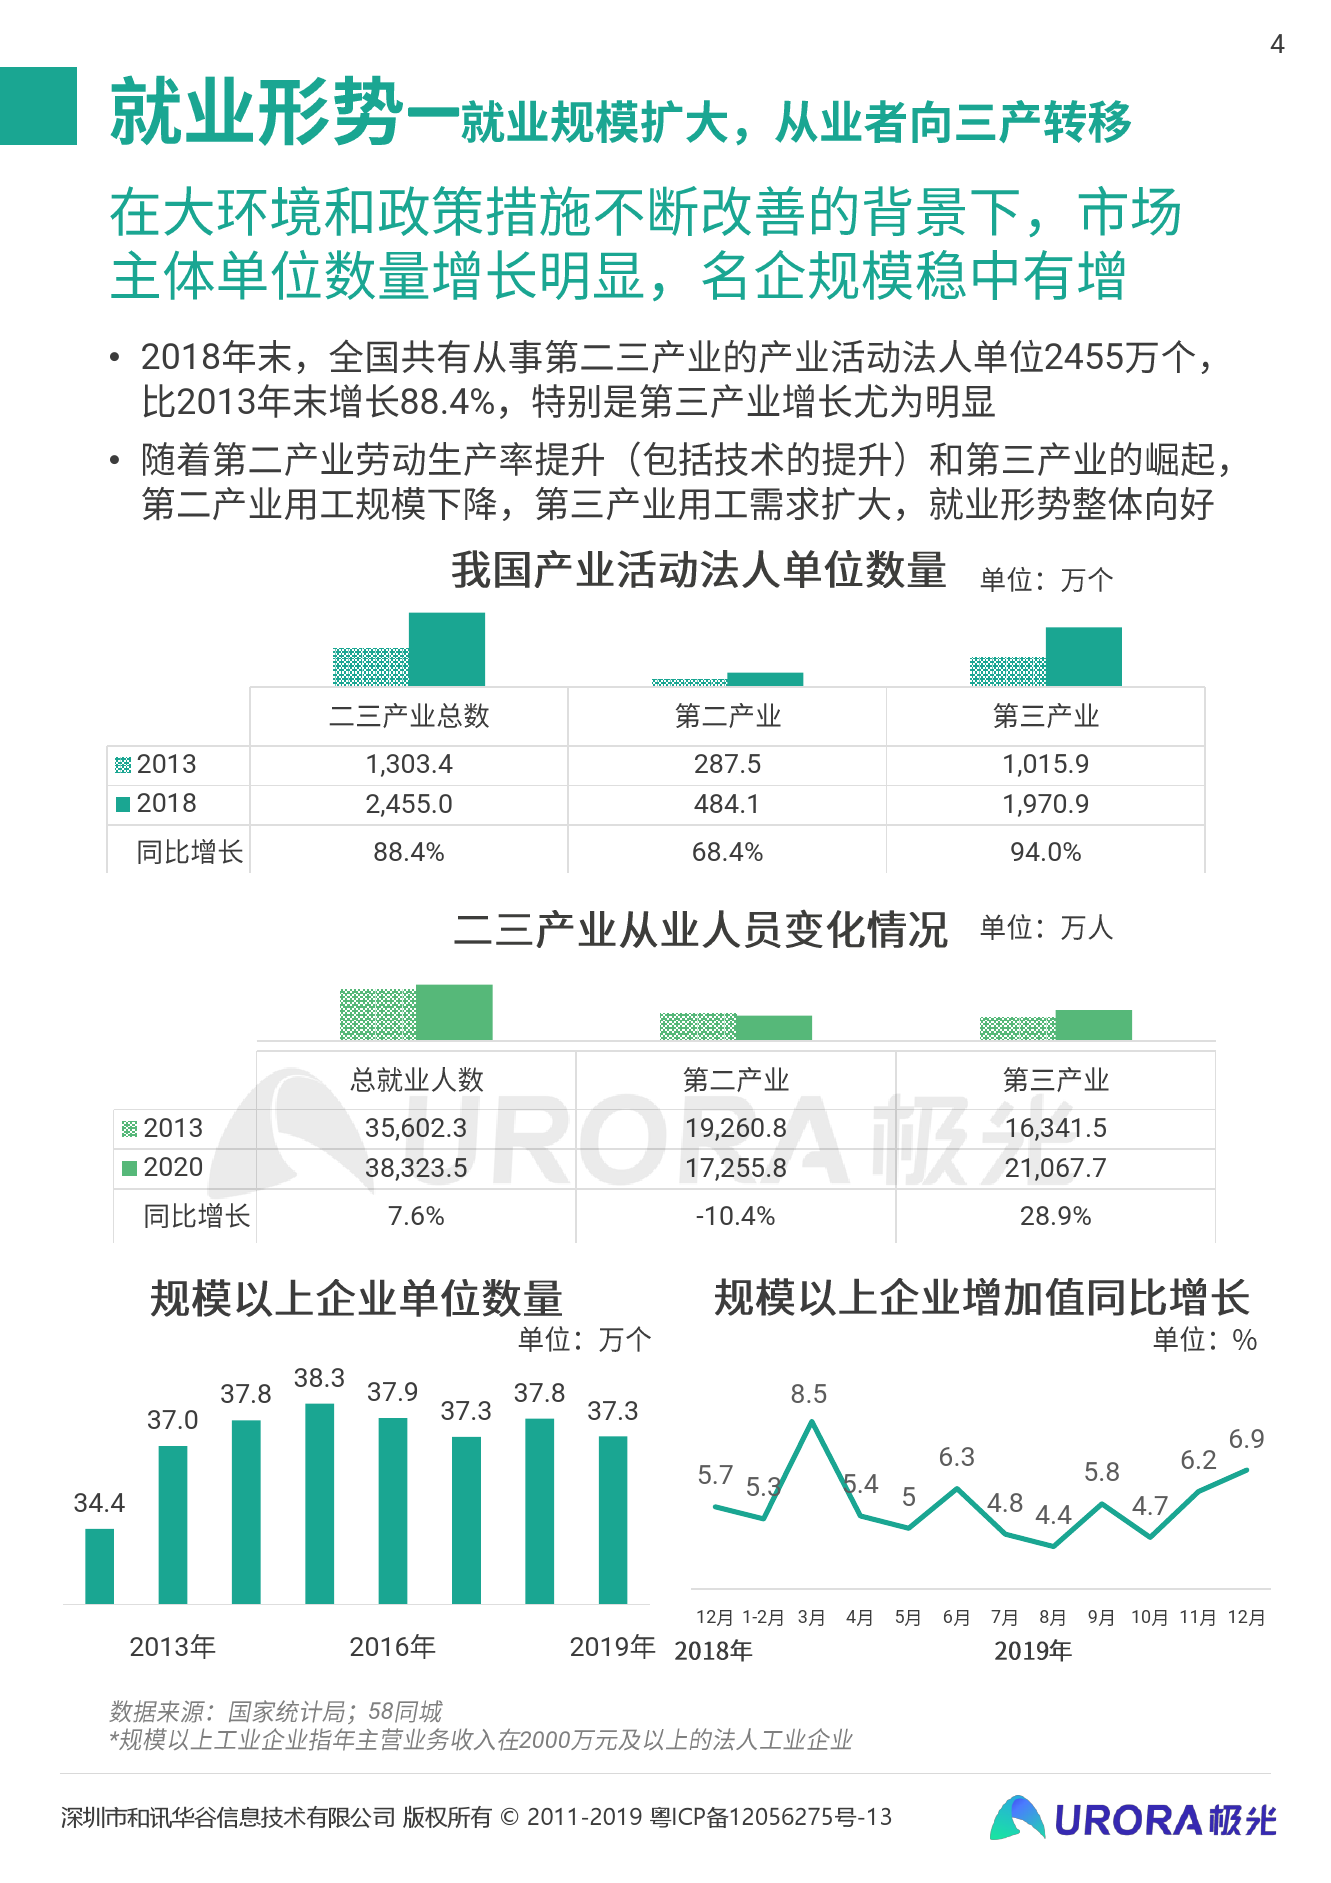 """極光:""""超職季""""招聘行業報告—企業篇(附下載)"""